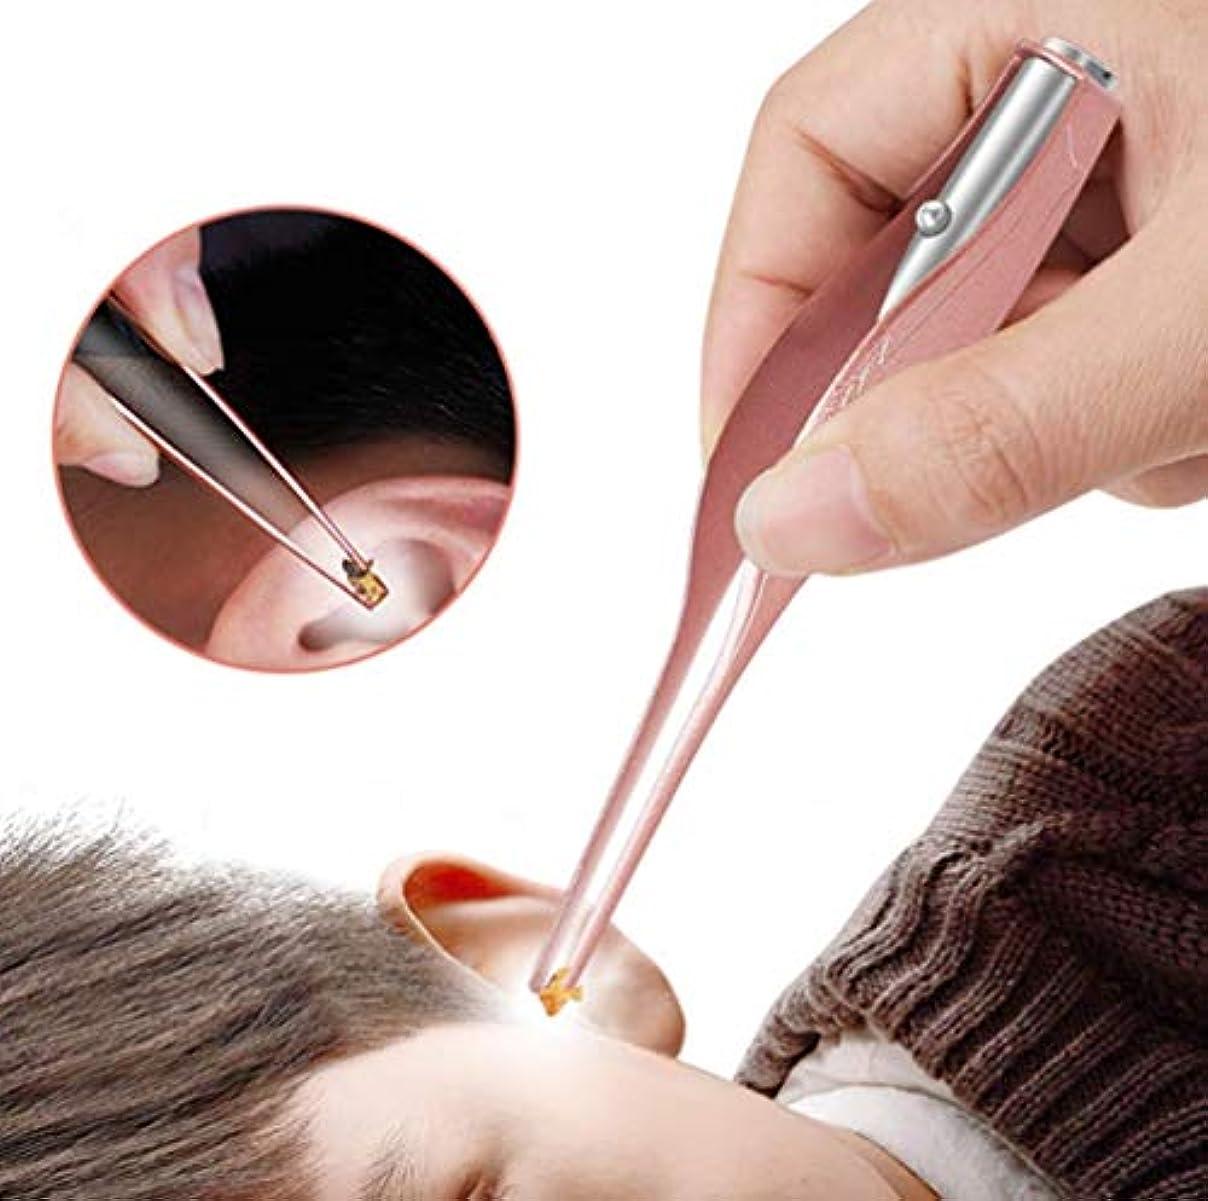 半球恒久的ハプニング耳かき ピンセット LEDライト付き 耳掃除 子供用 極細先端 ステンレス製 ピンセットタイプ ミミ光棒 はっきり見える 電池付き (ローズゴールド)